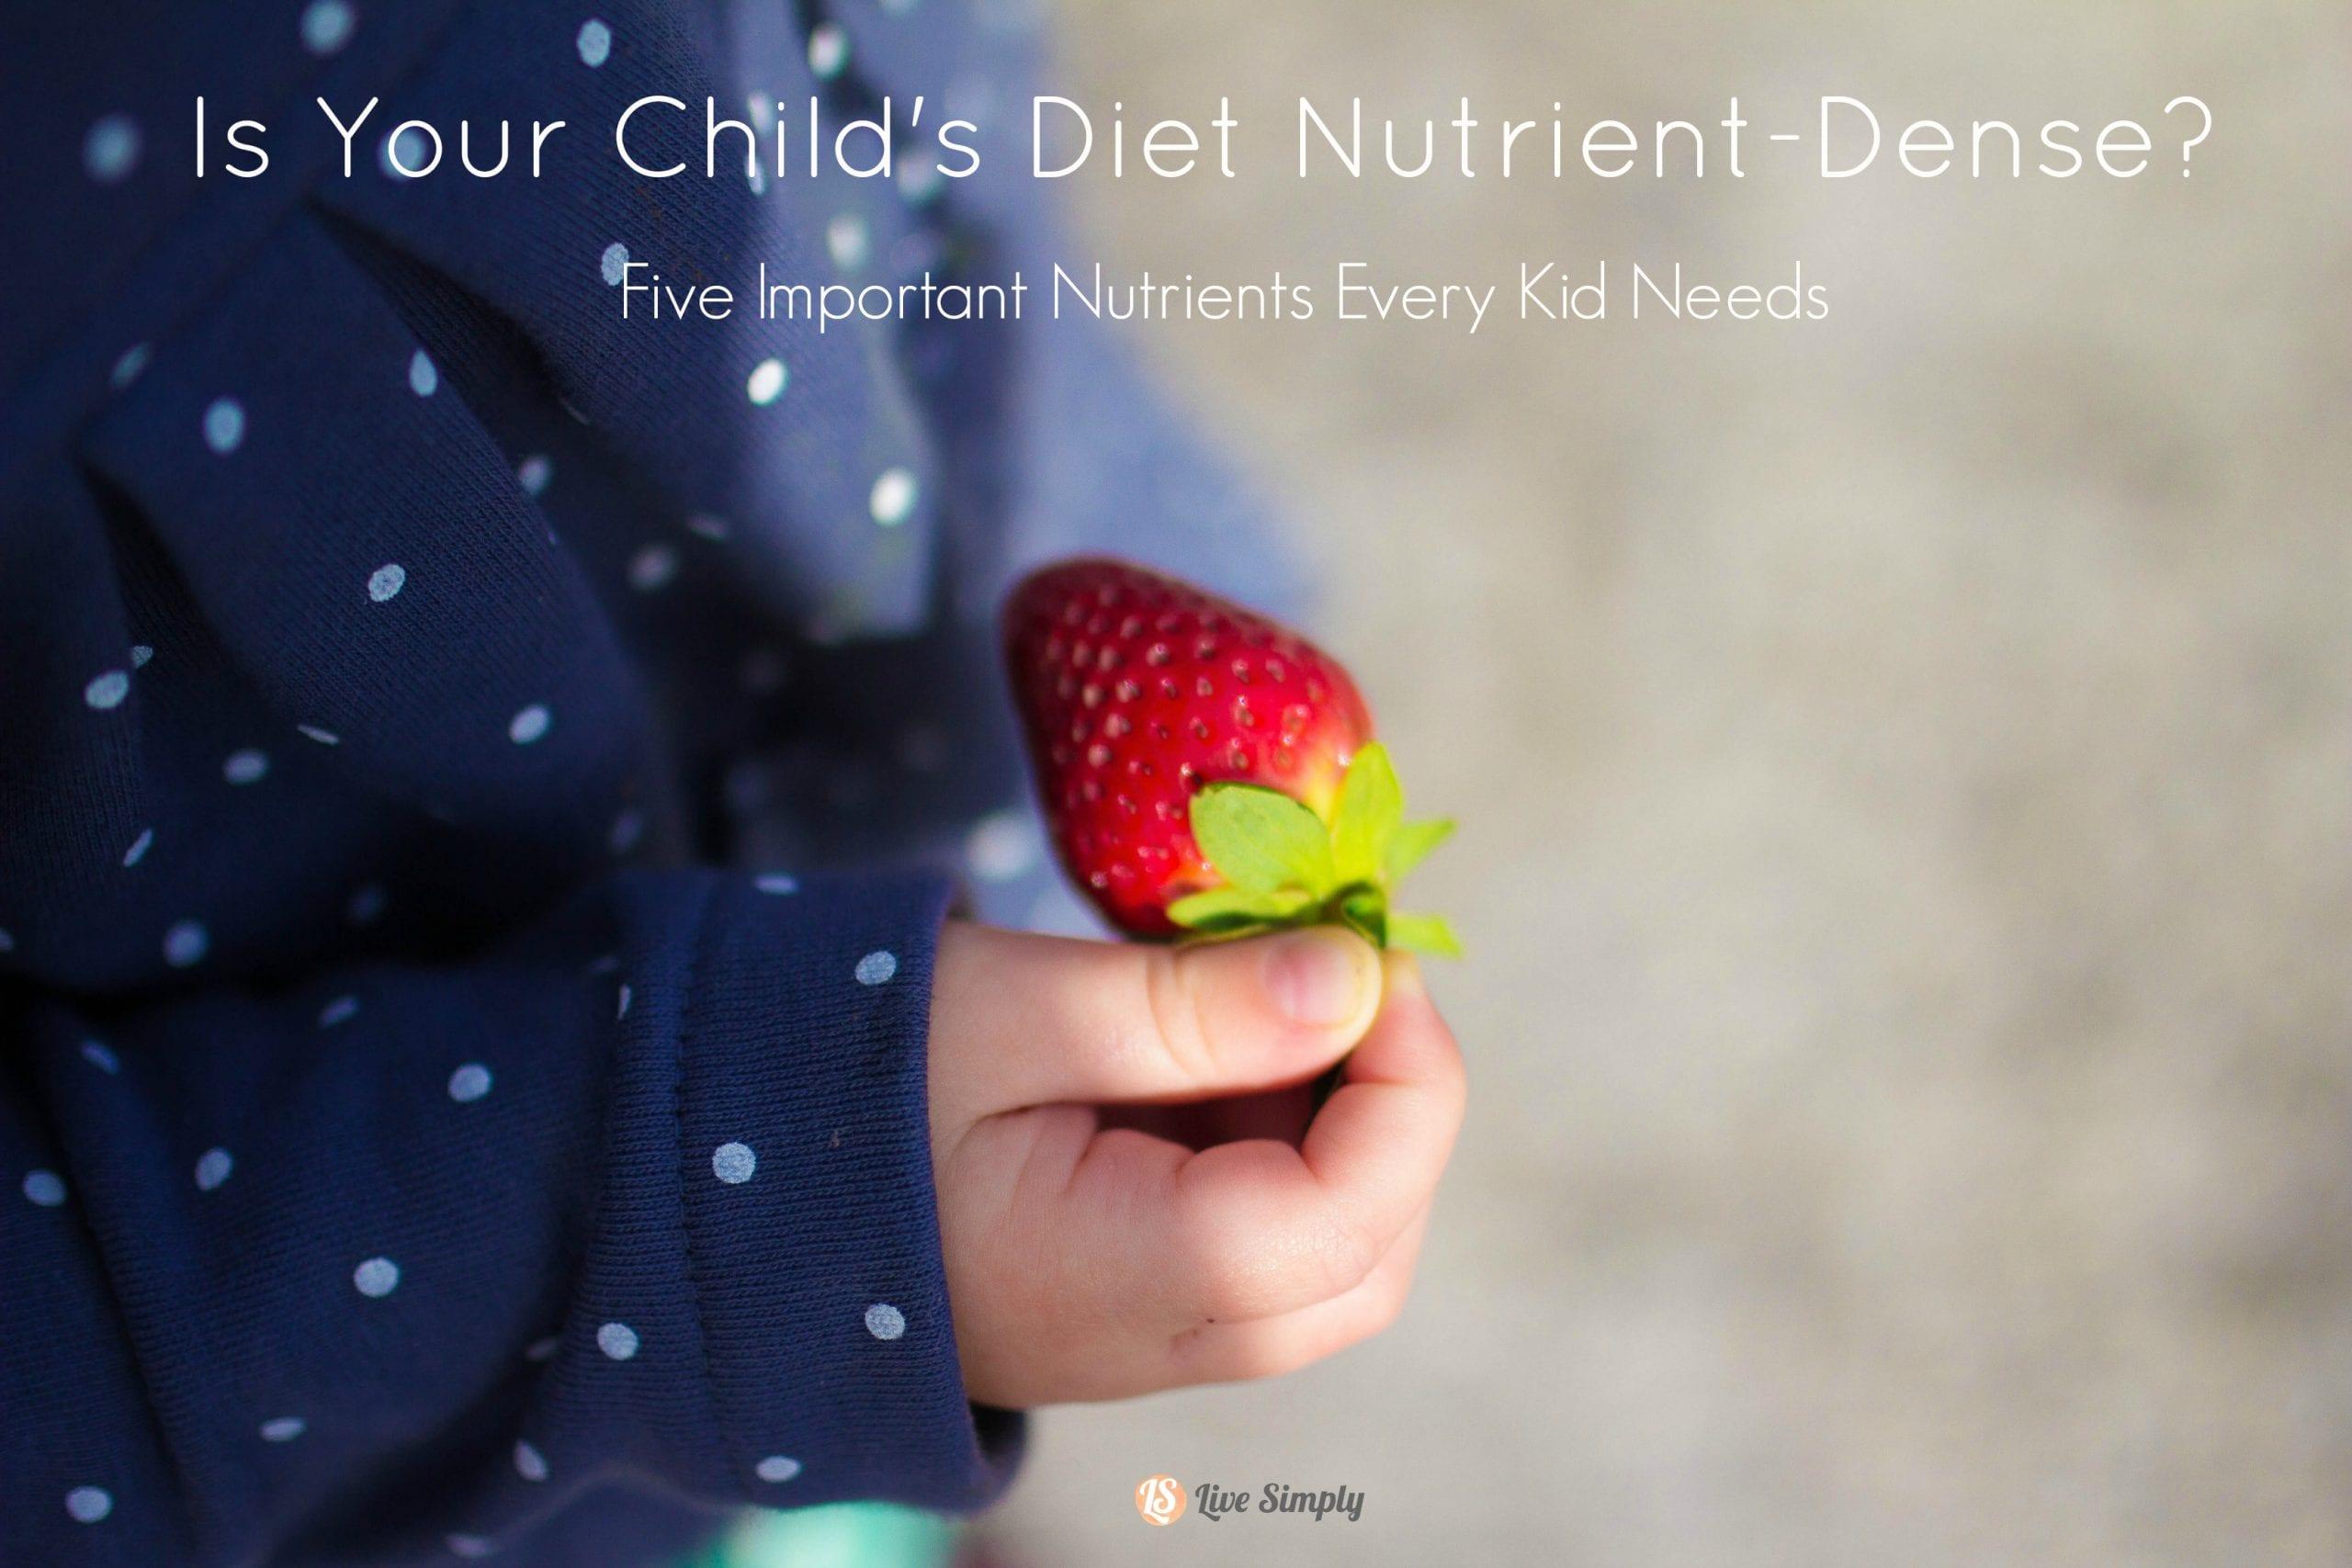 kids diet nutrient dense